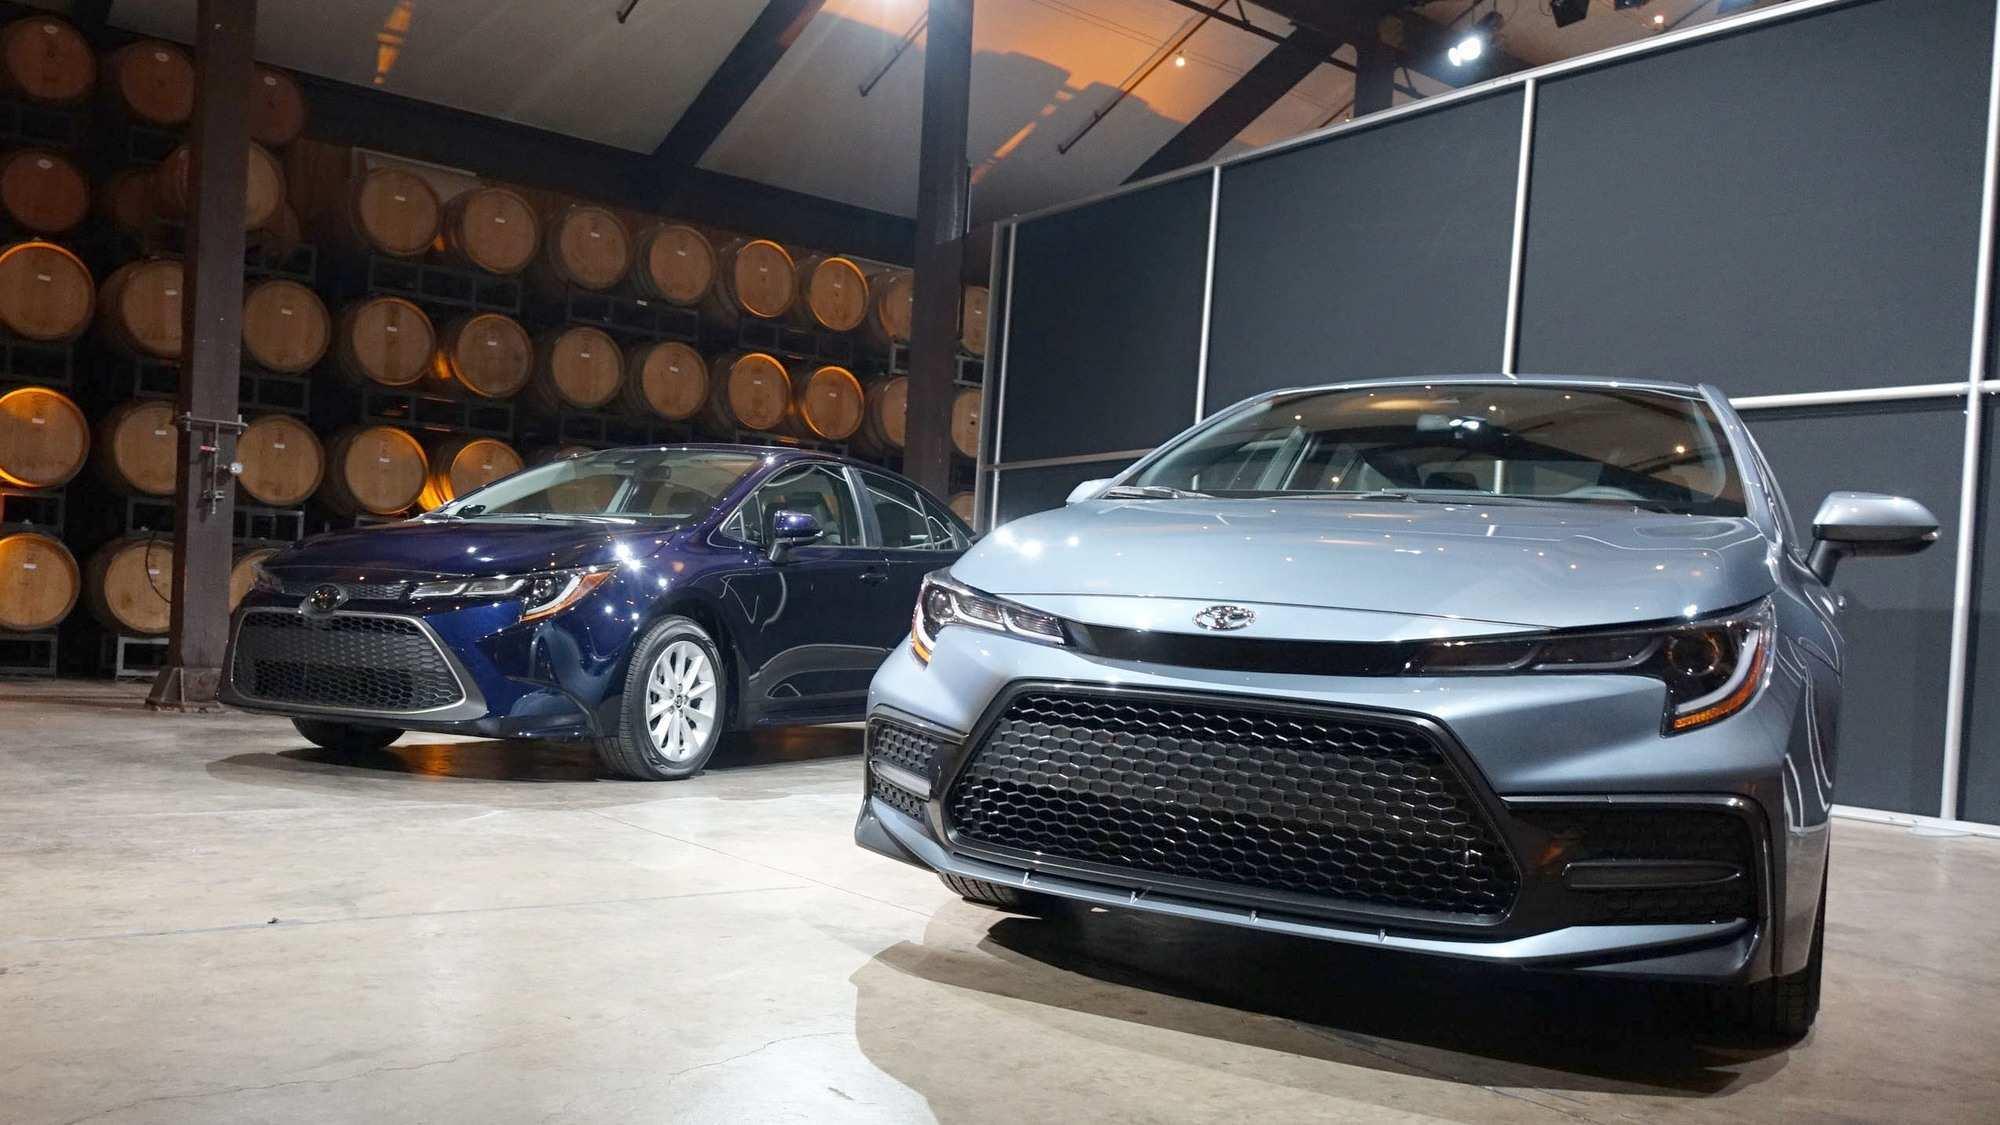 85 All New Toyota 2020 Gli Prices for Toyota 2020 Gli